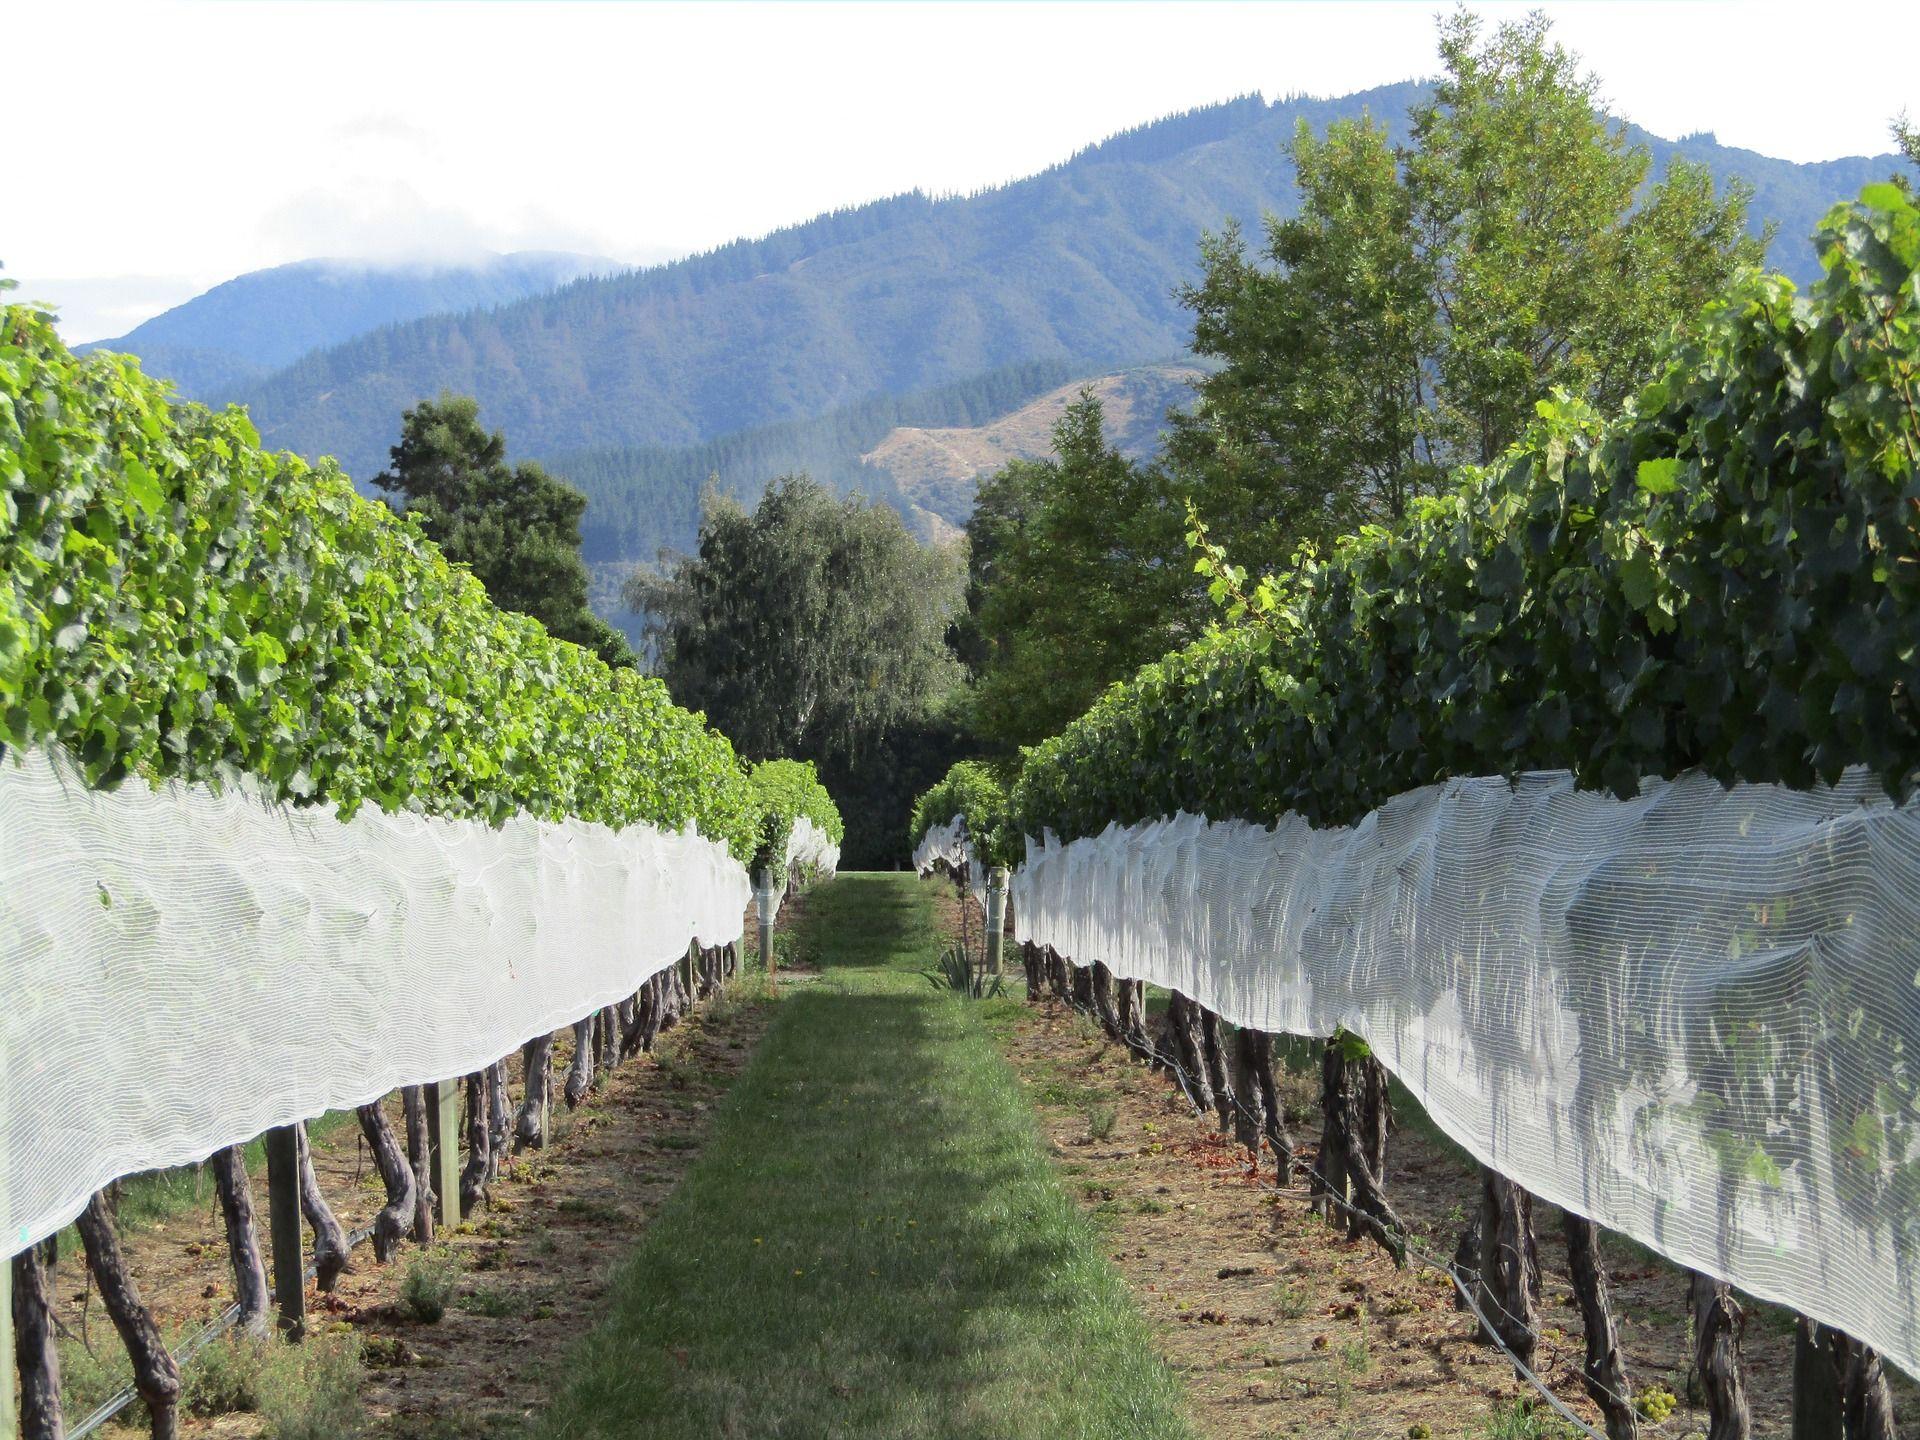 Einer von den vielen Weingärten Neuseelands